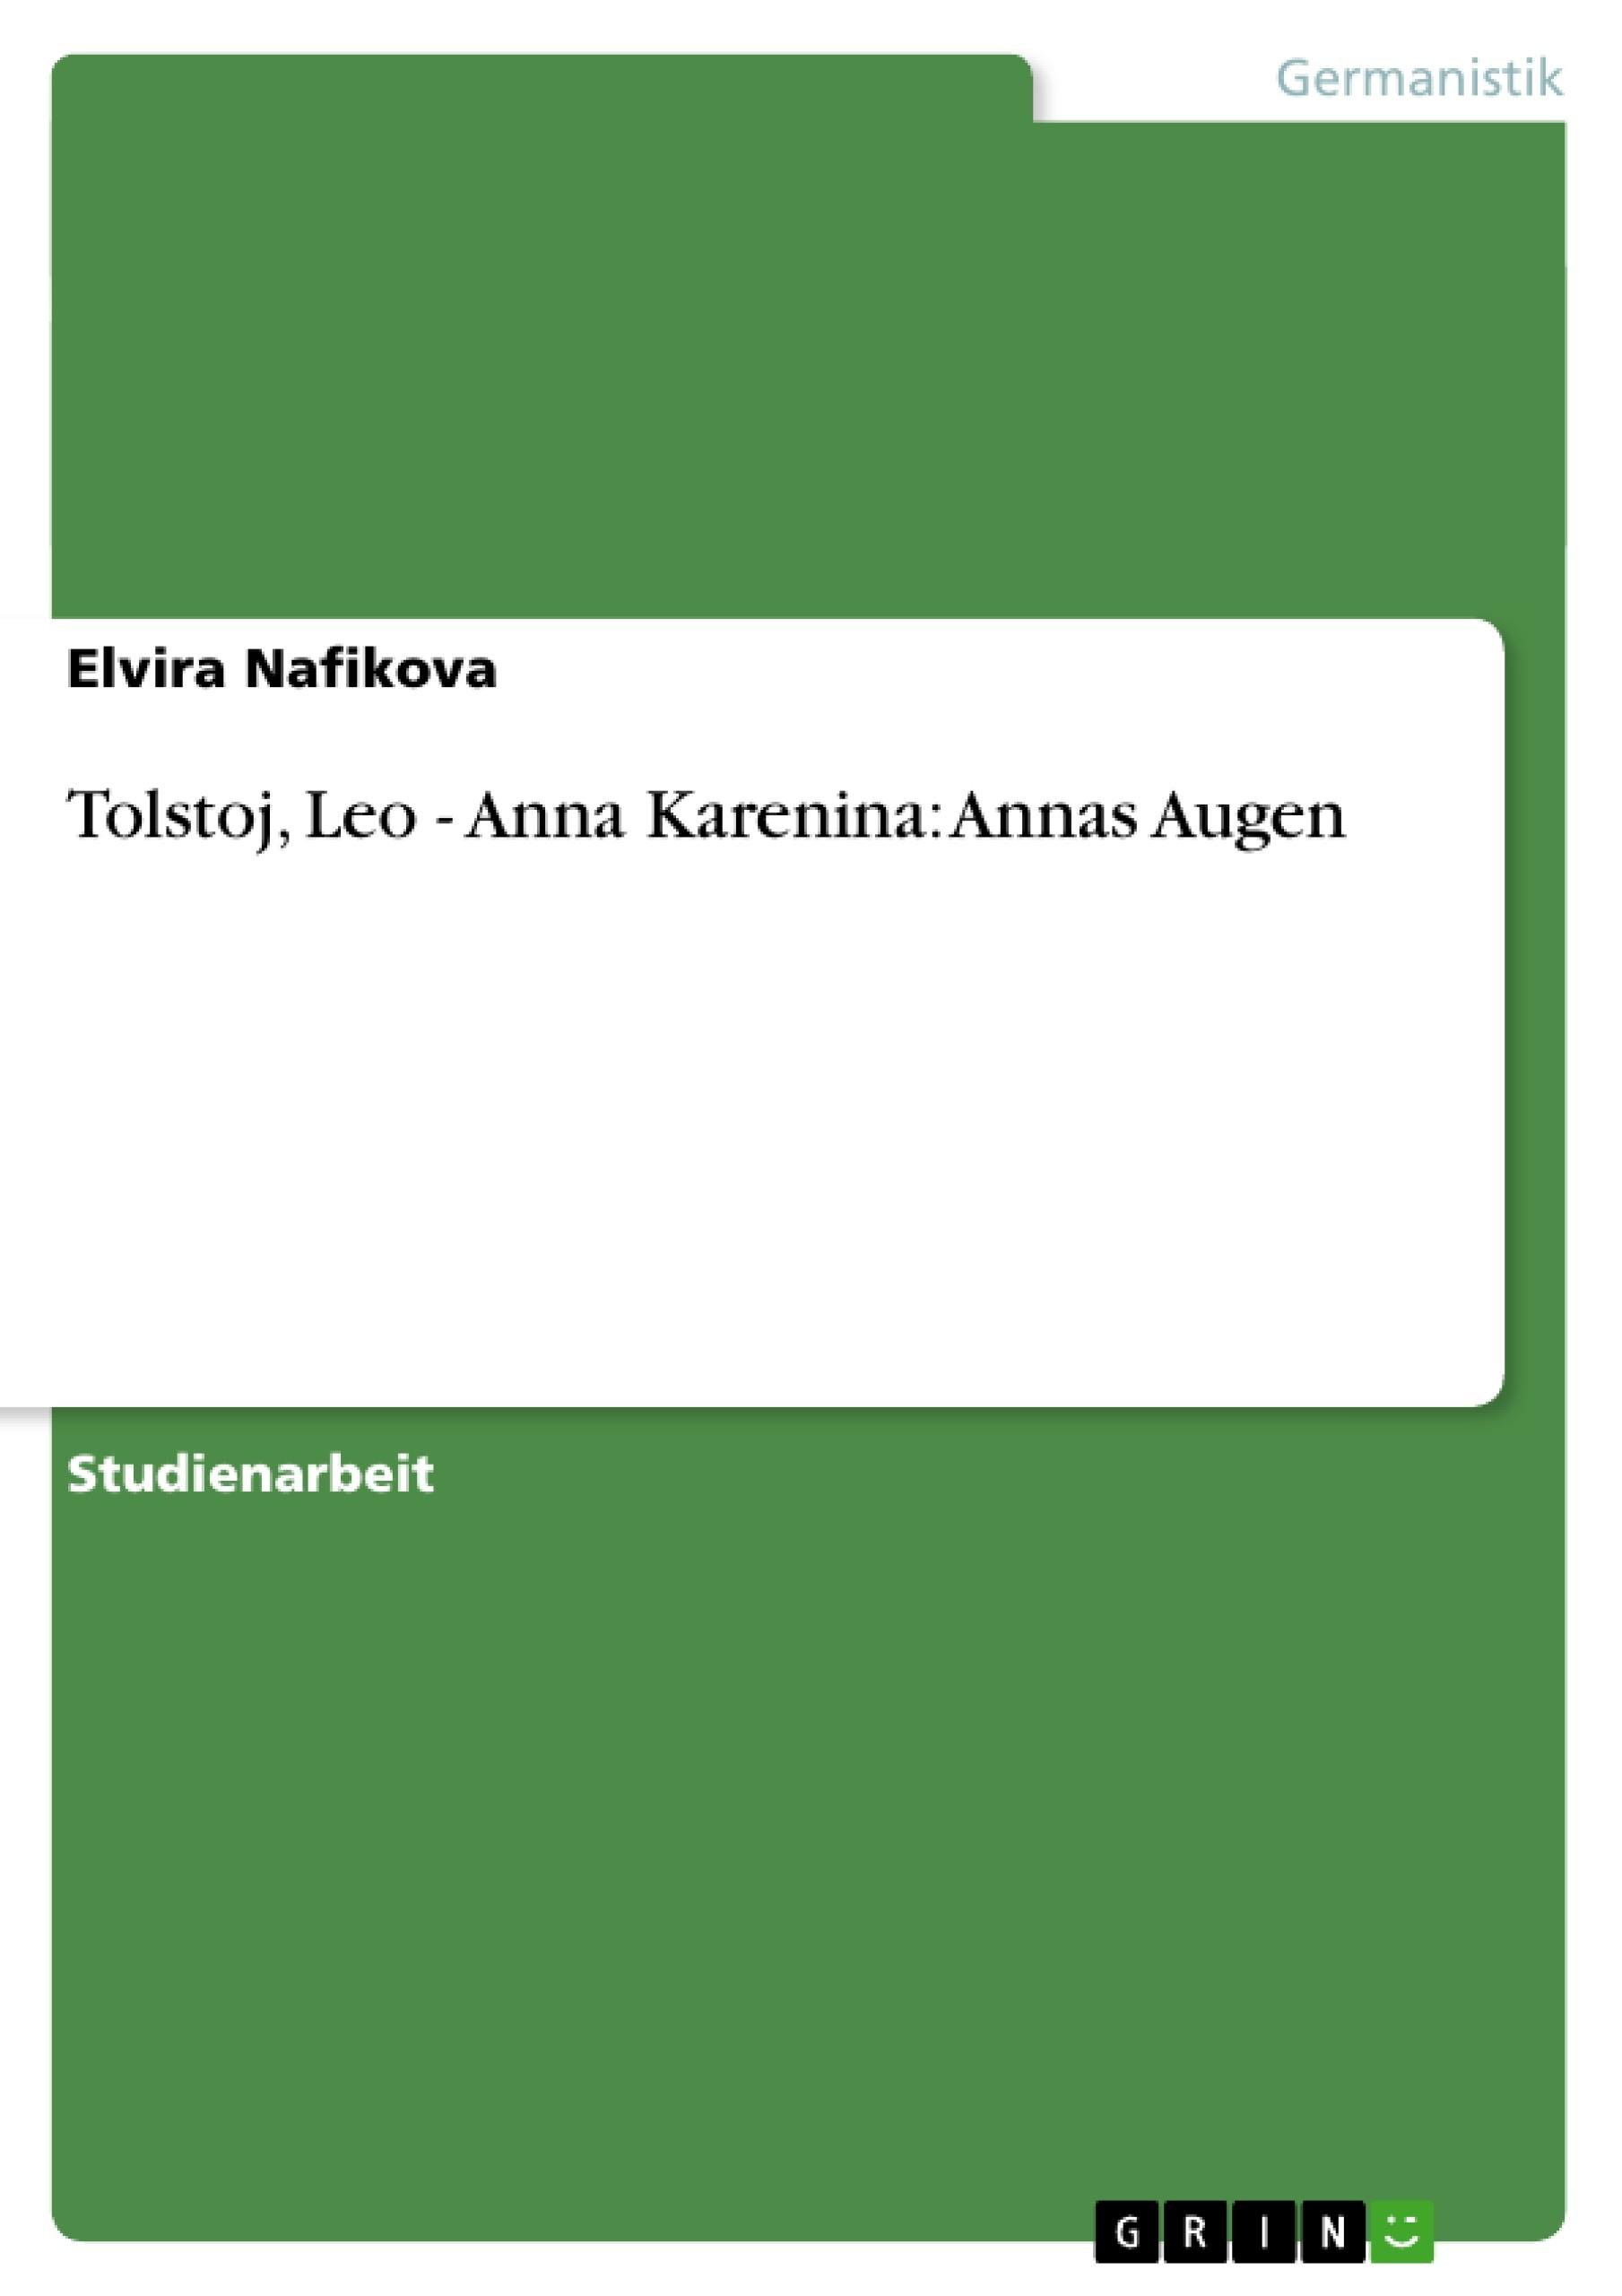 Titel: Tolstoj, Leo - Anna Karenina: Annas Augen